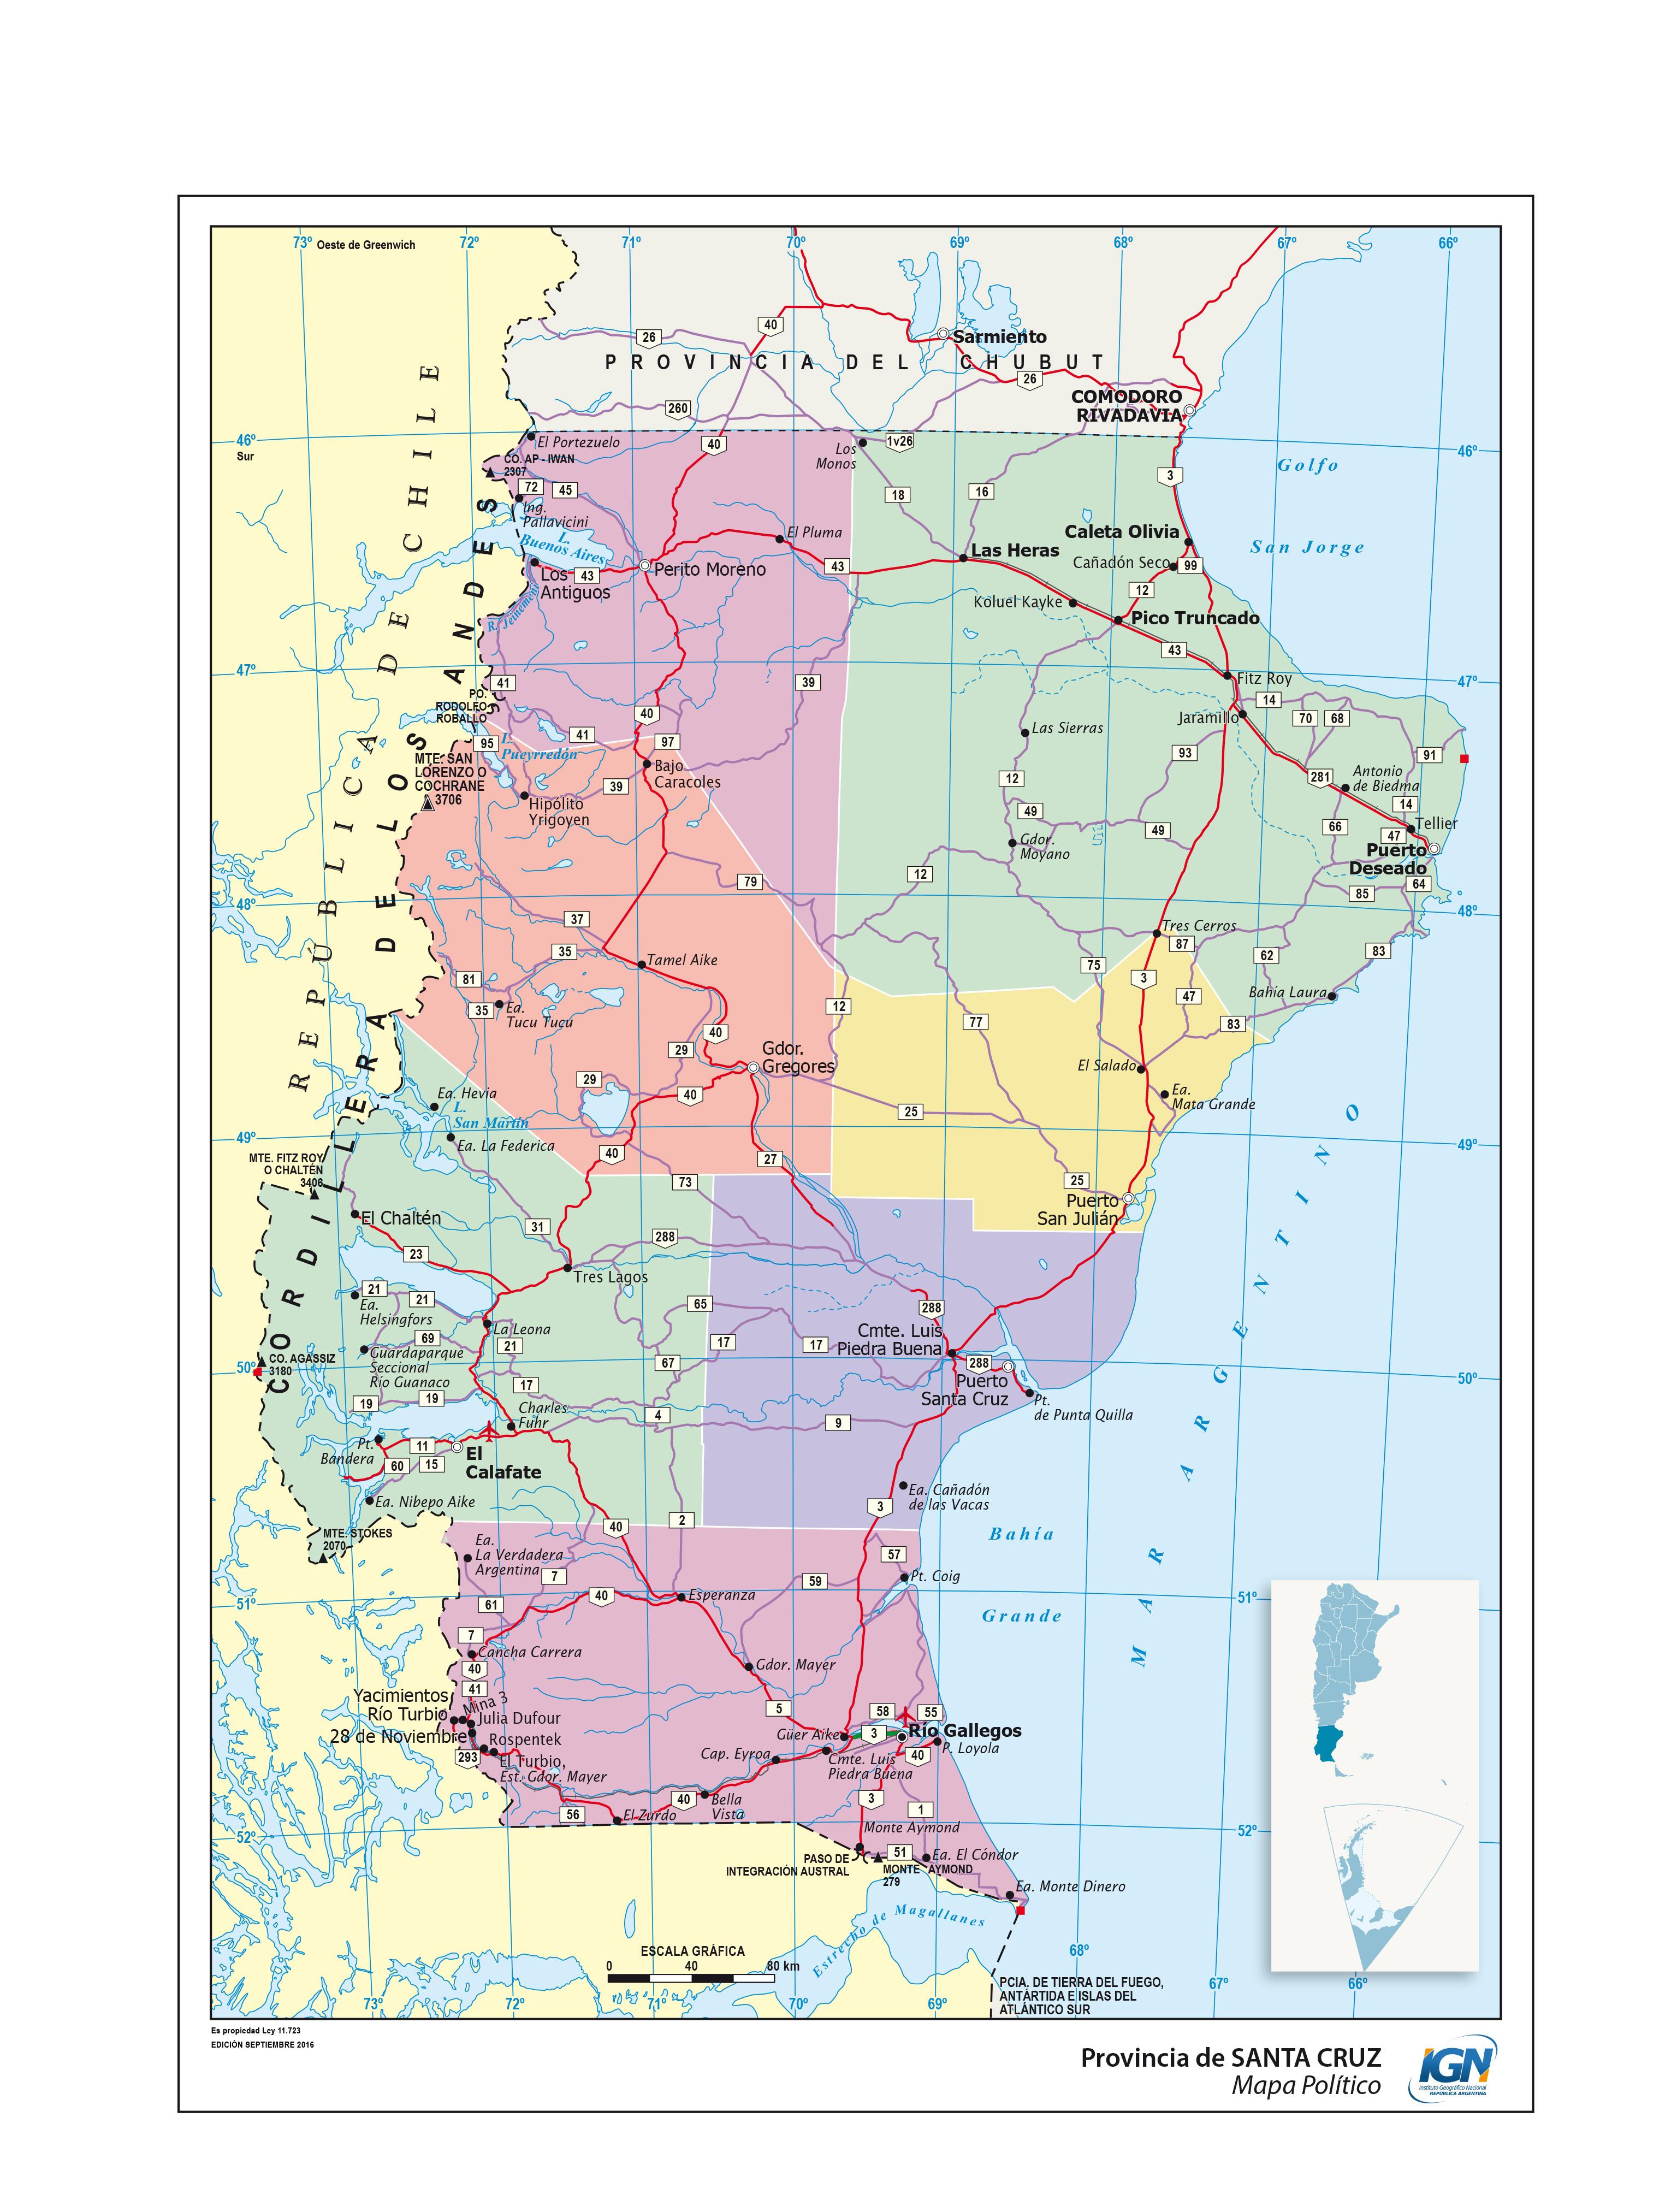 Mapas De La Provincia De Santa Cruz Epicentro Geografico